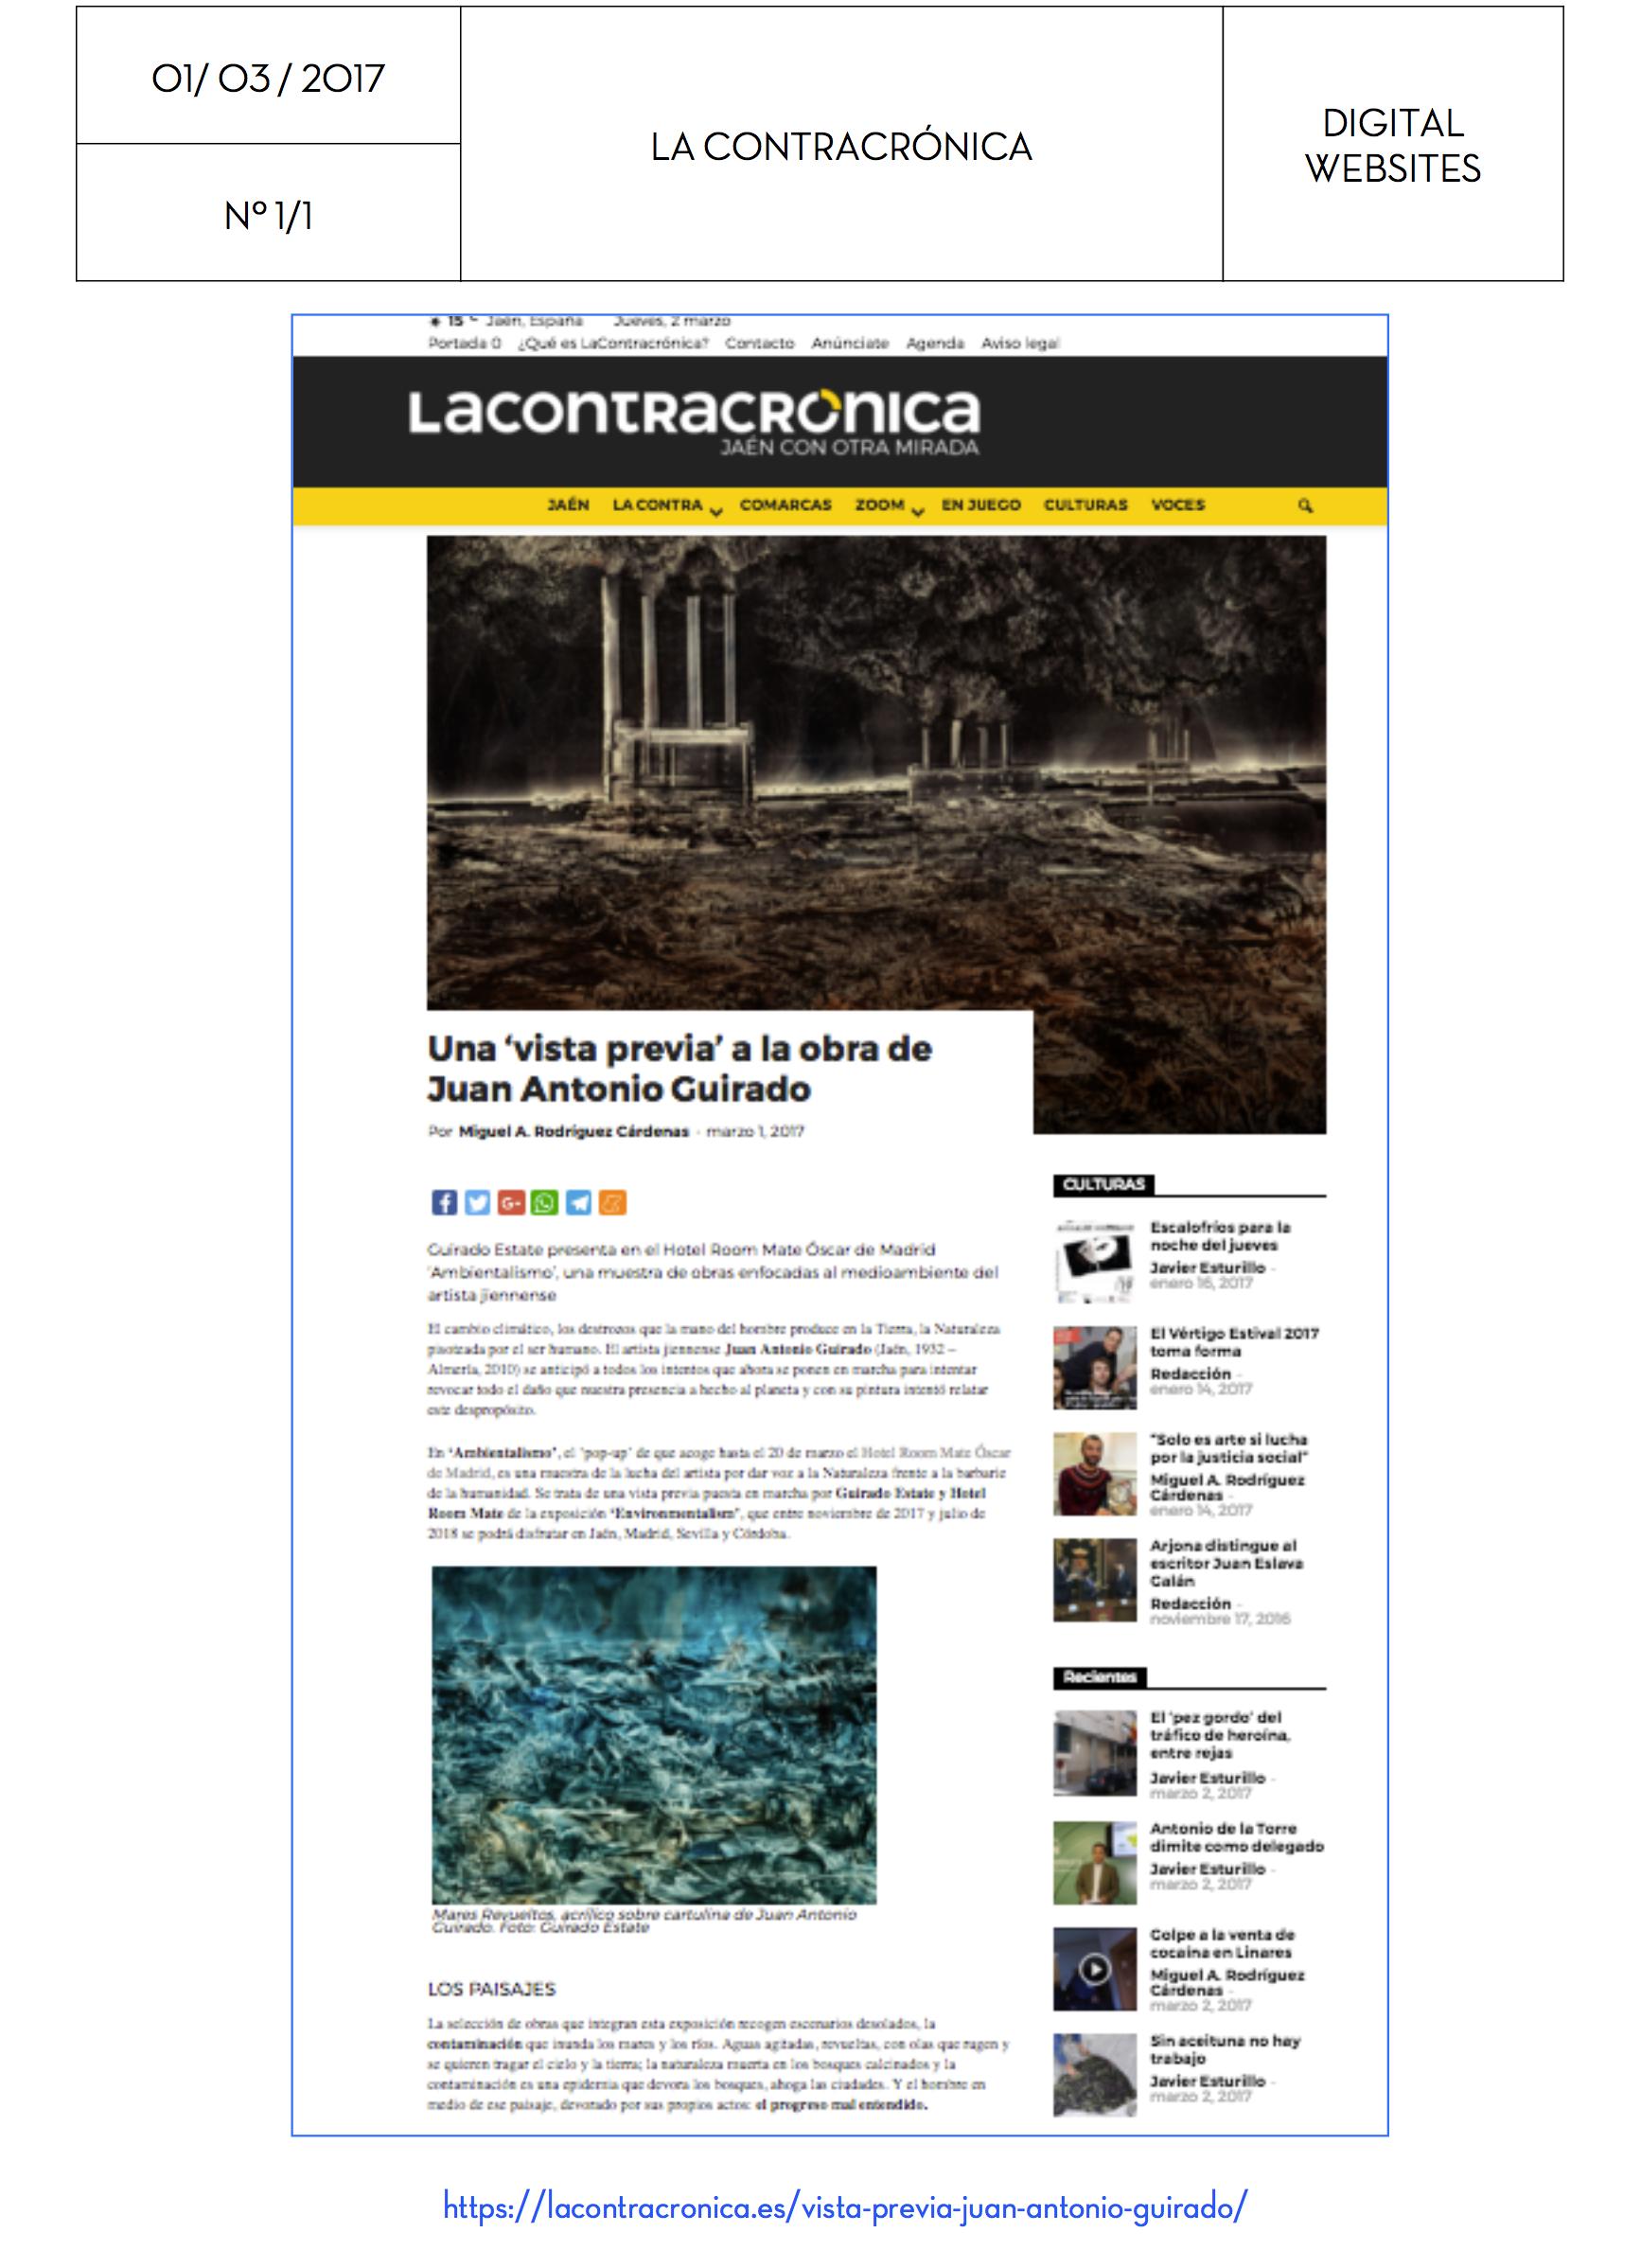 1/3/2017 La Contracronica